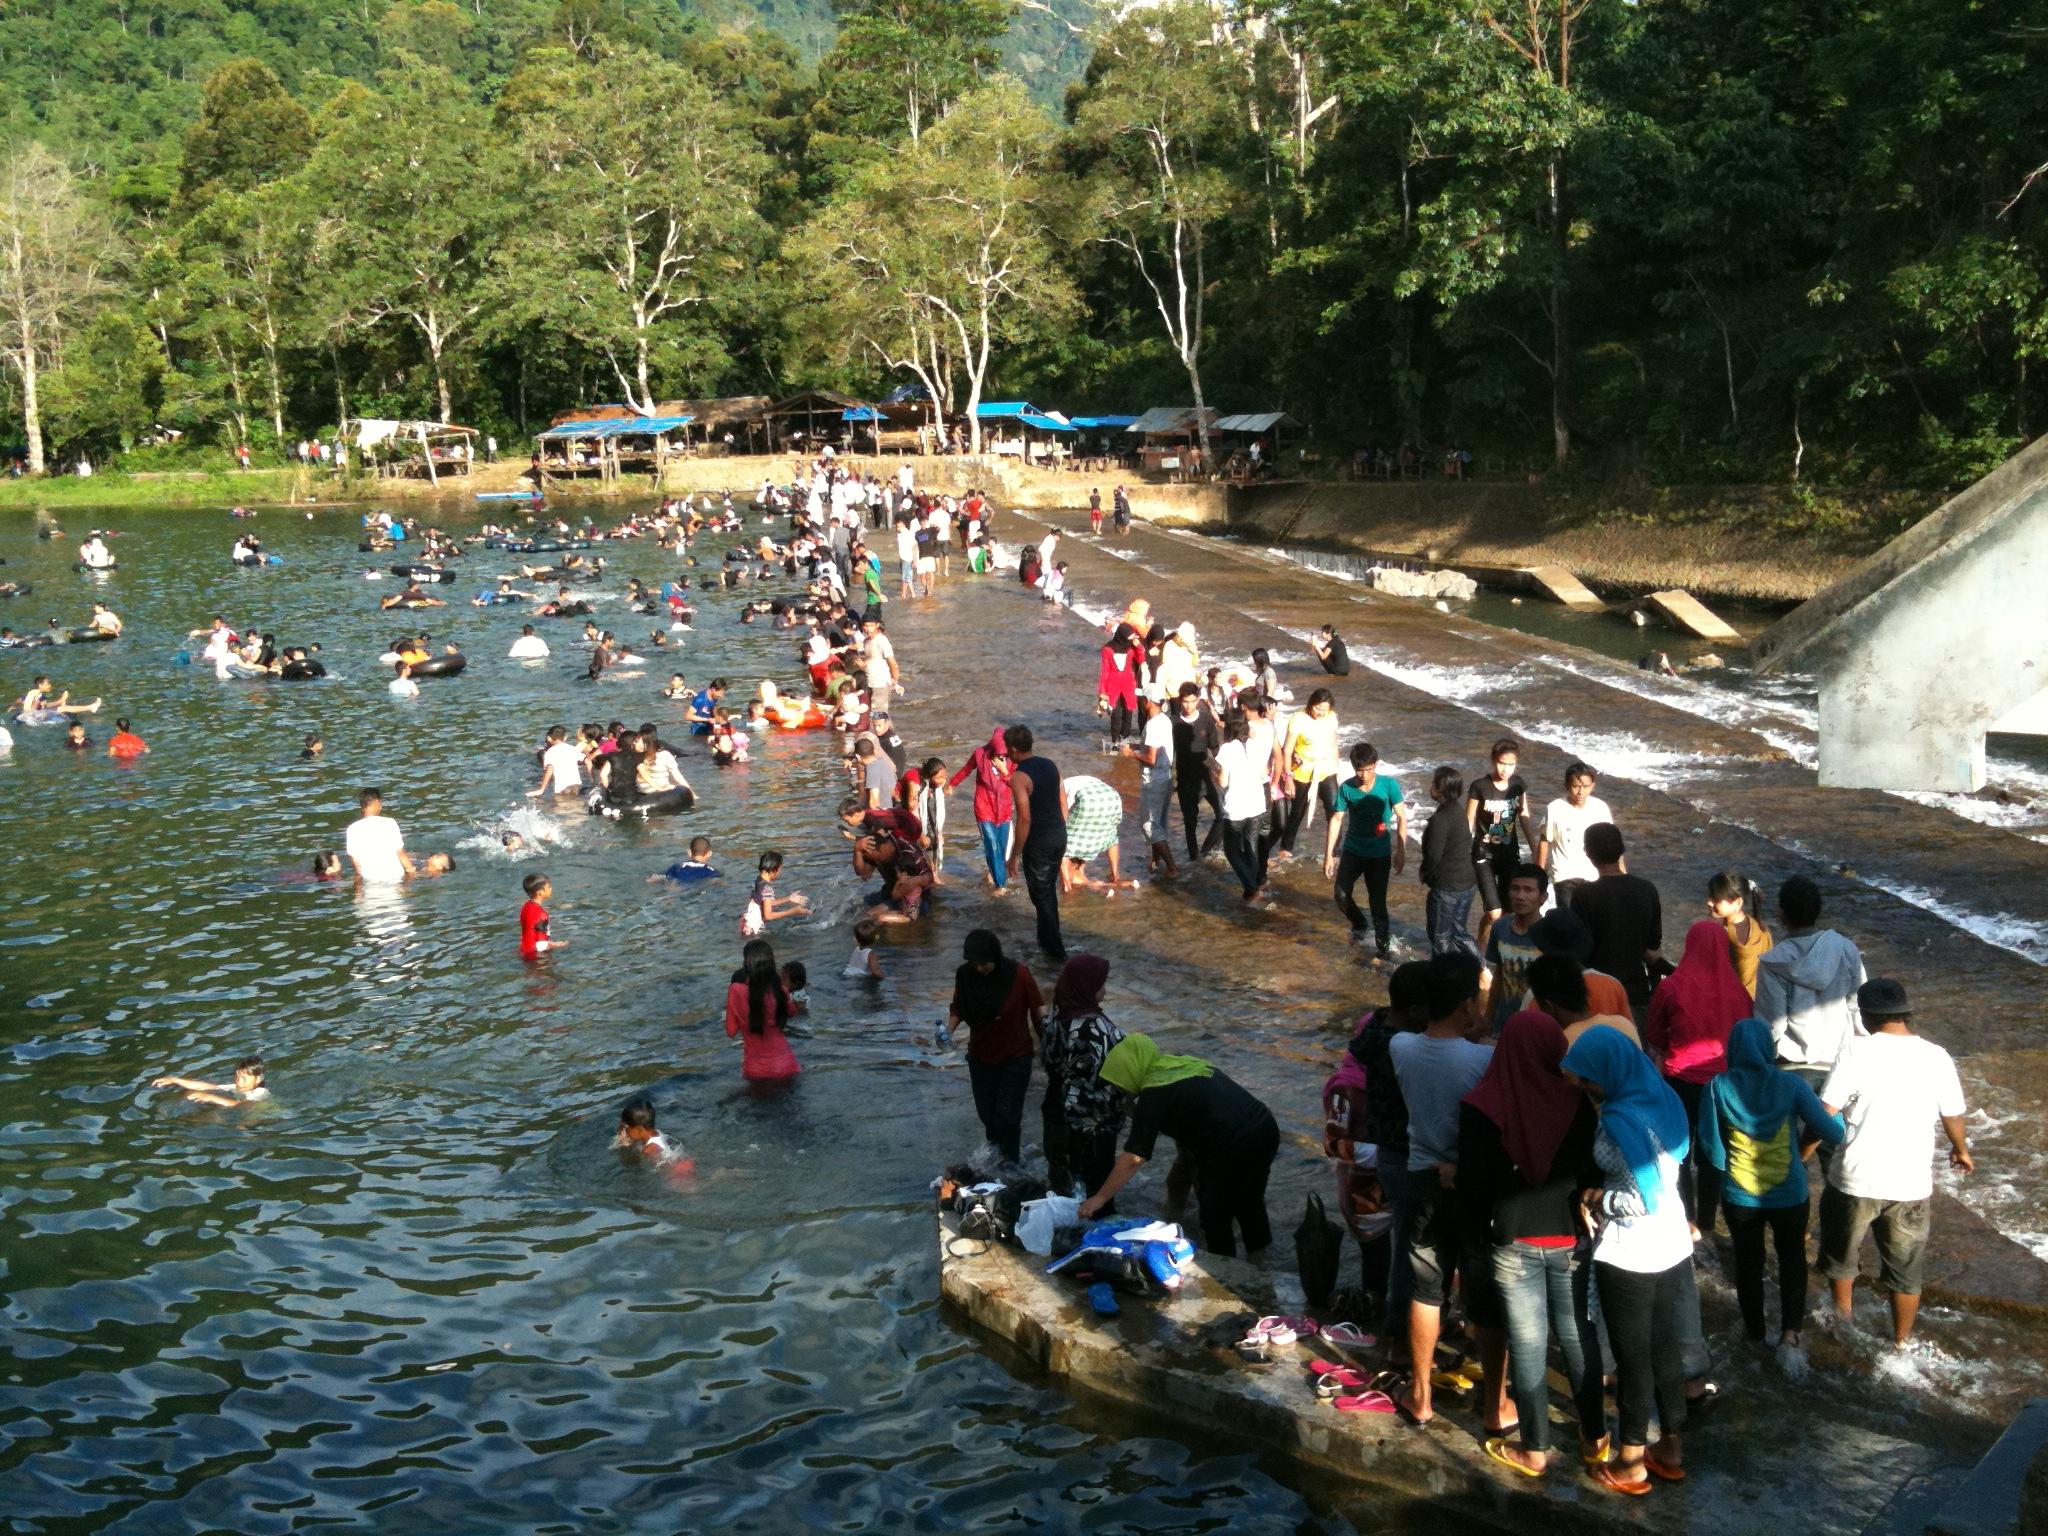 Obyek Wisata Bendungan Beurayeun Aceh Besar Badruddin S Blog